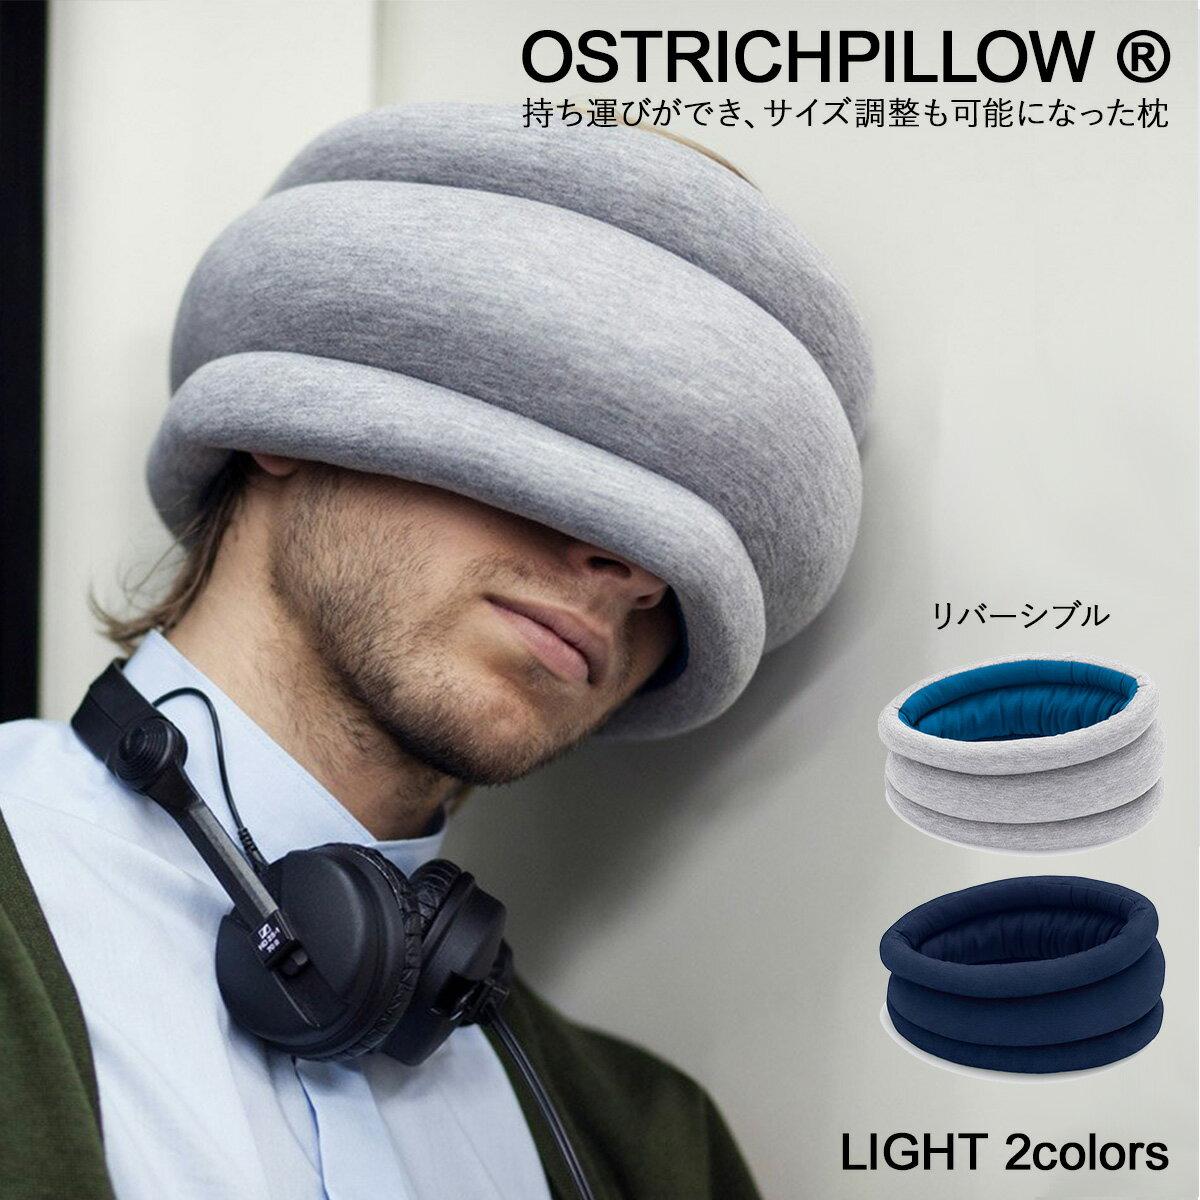 OSTRICH PILLOW LIGHT オーストリッチピロー ライト 枕 うつぶせ まくら オーストリッチ 寝具グッズ グレー ネイビー